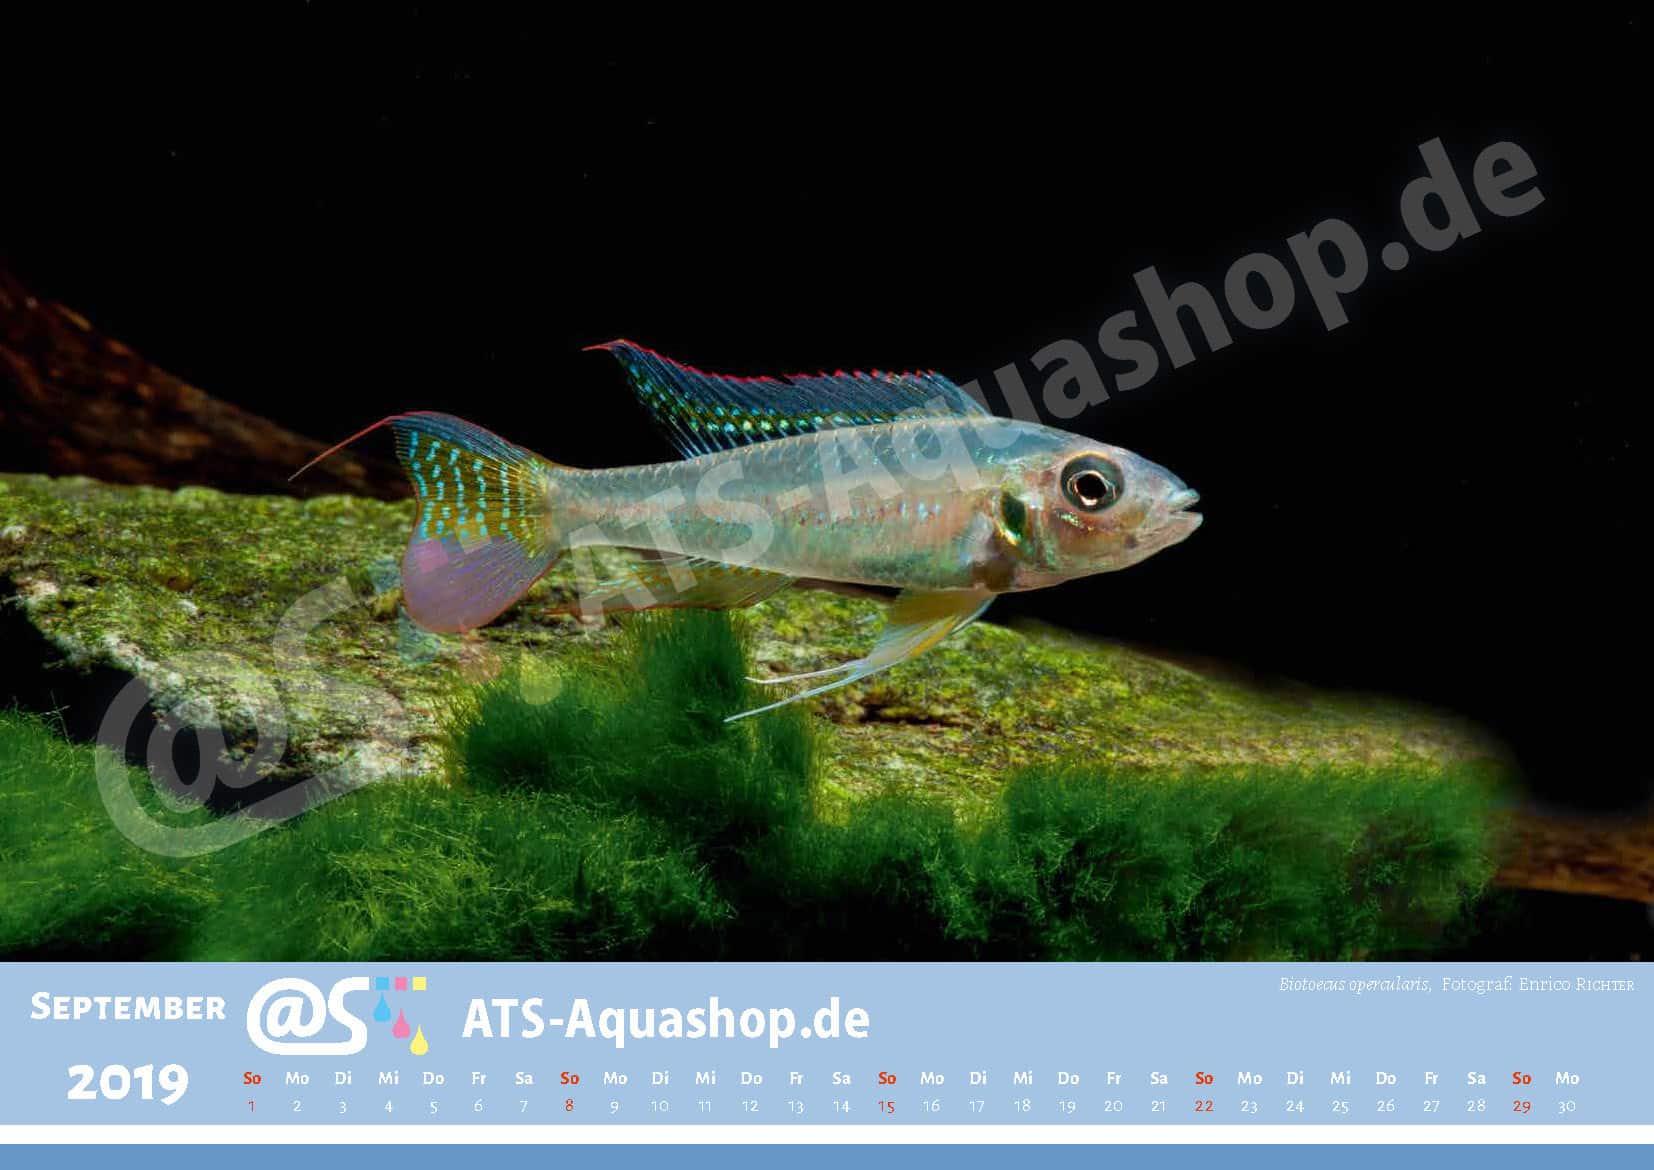 Photo calendar 2019 DIN A3: Biotoecus opercularis